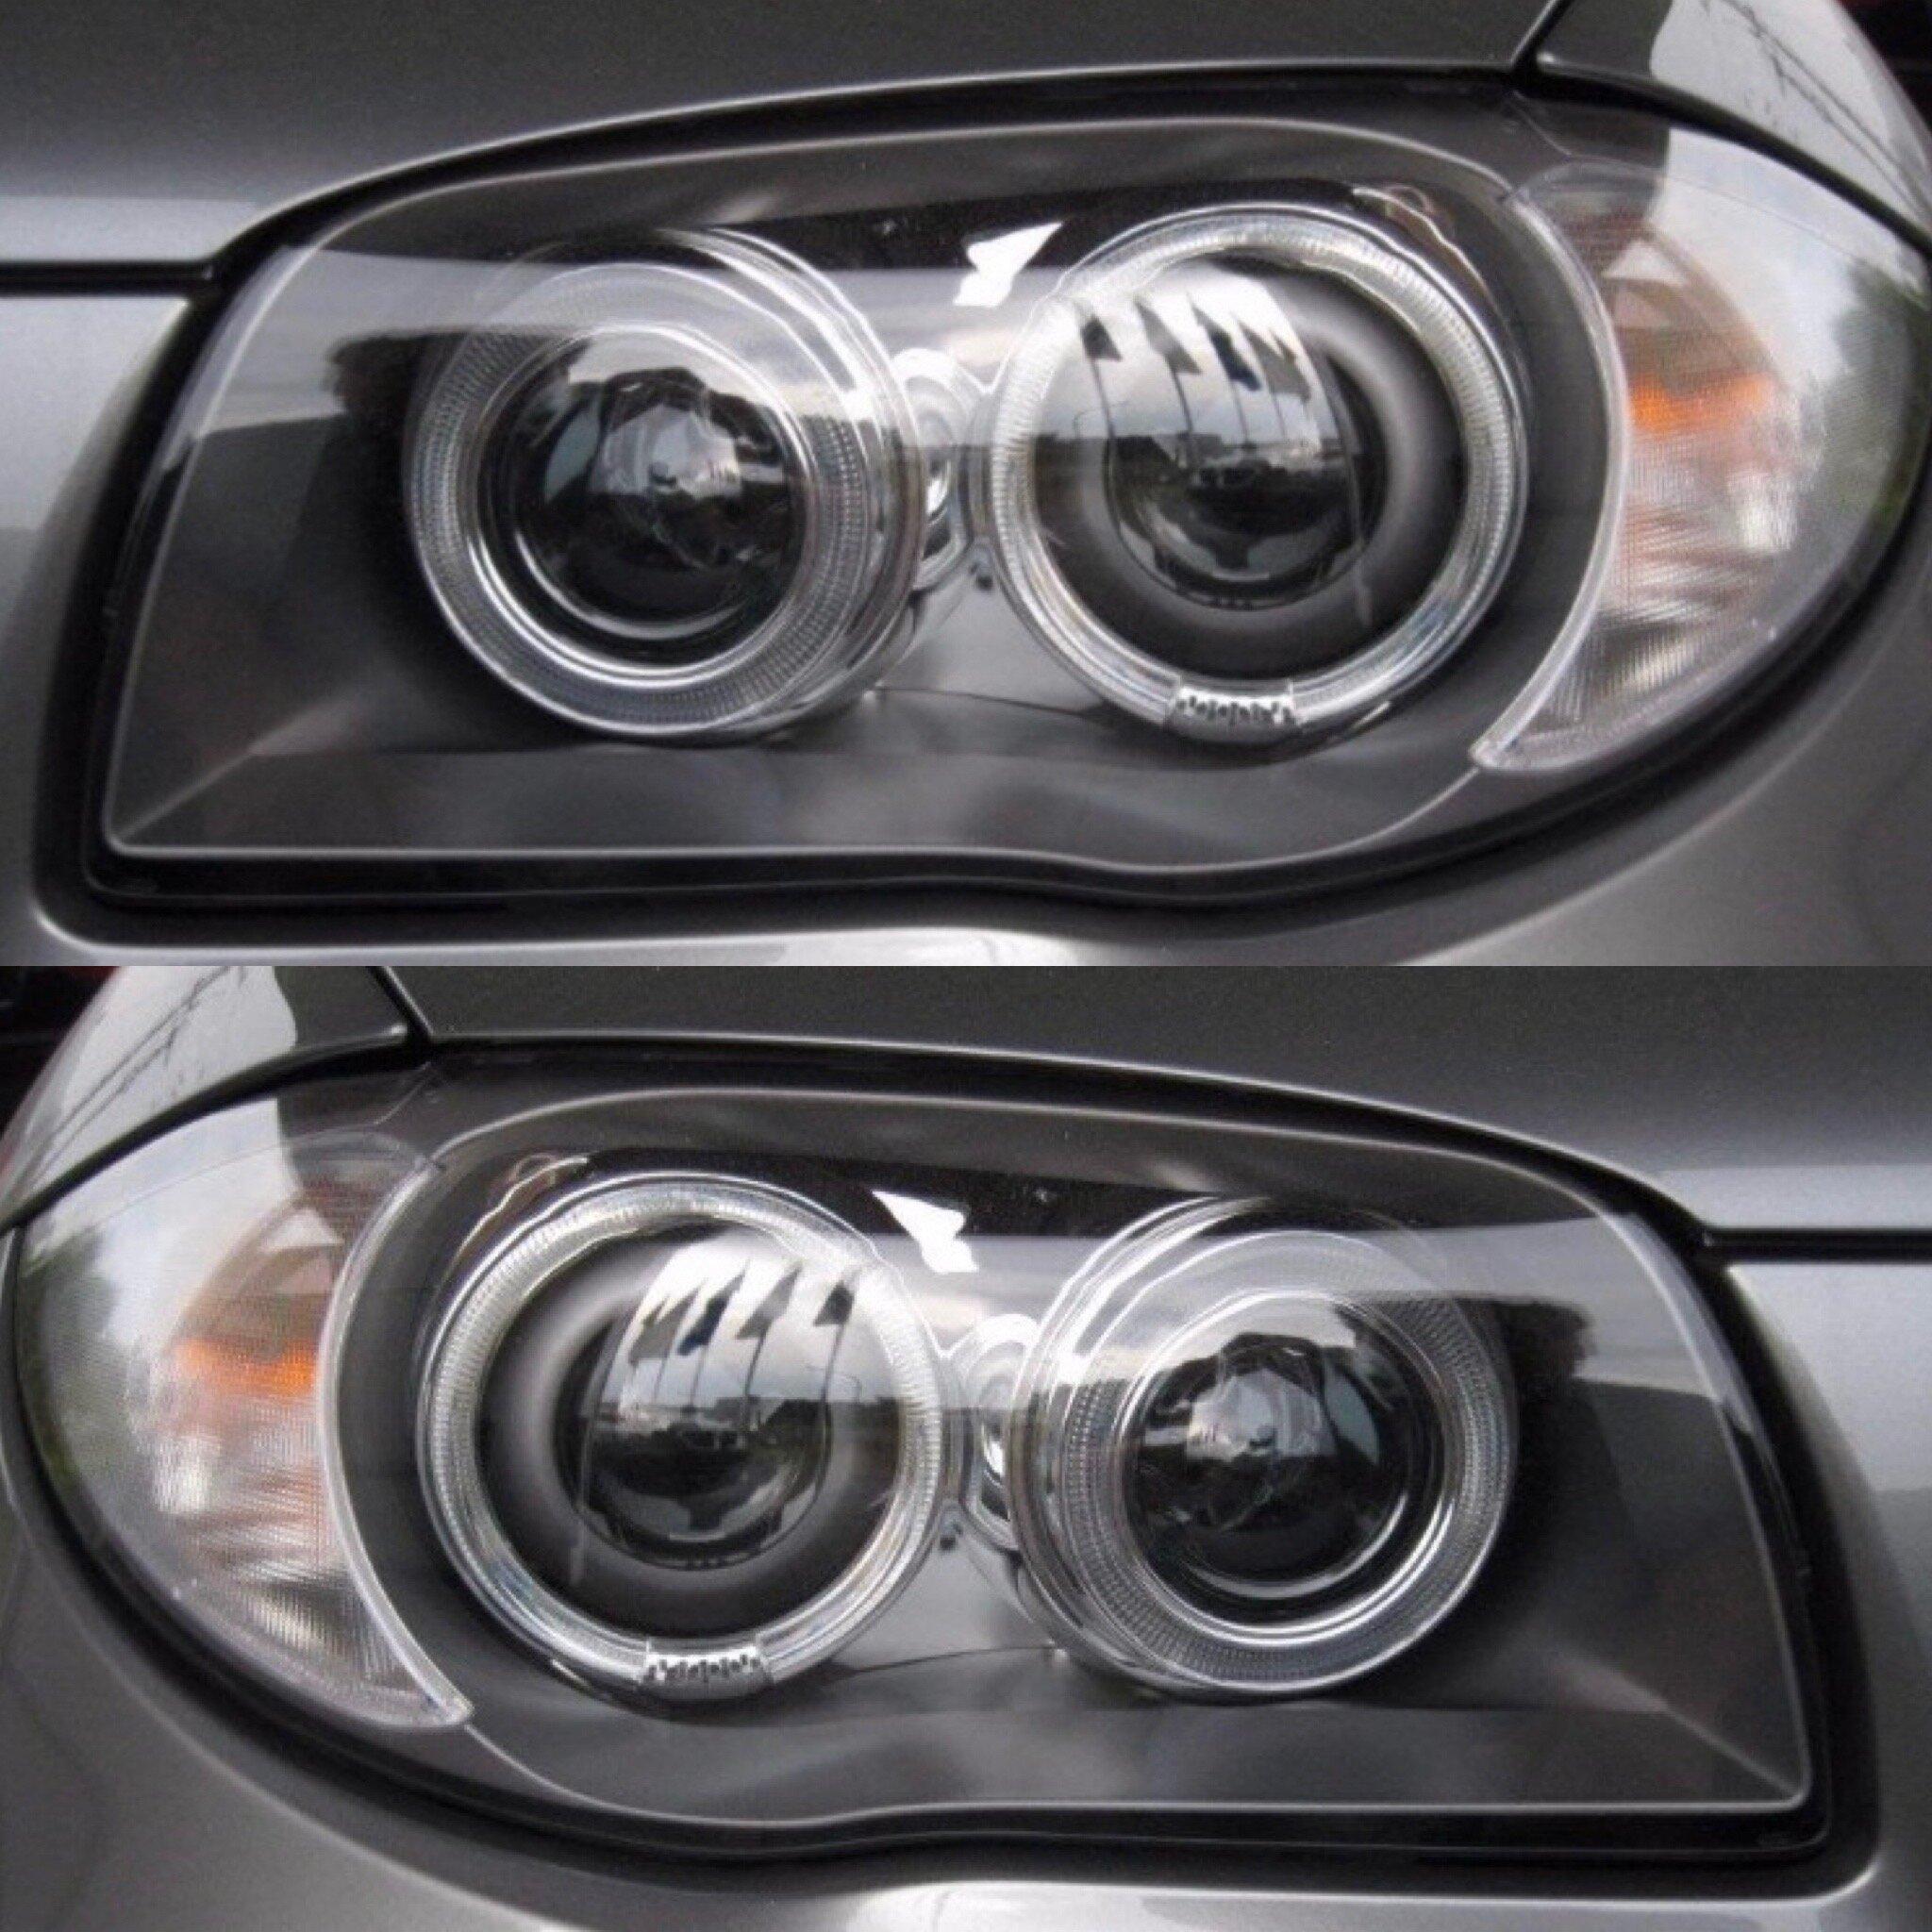 BMW 1 Series Bi Xenon NON Adaptive HeadLights Pre-LCI Pair DRL 2007-UP —  Bavgrüppe Designs